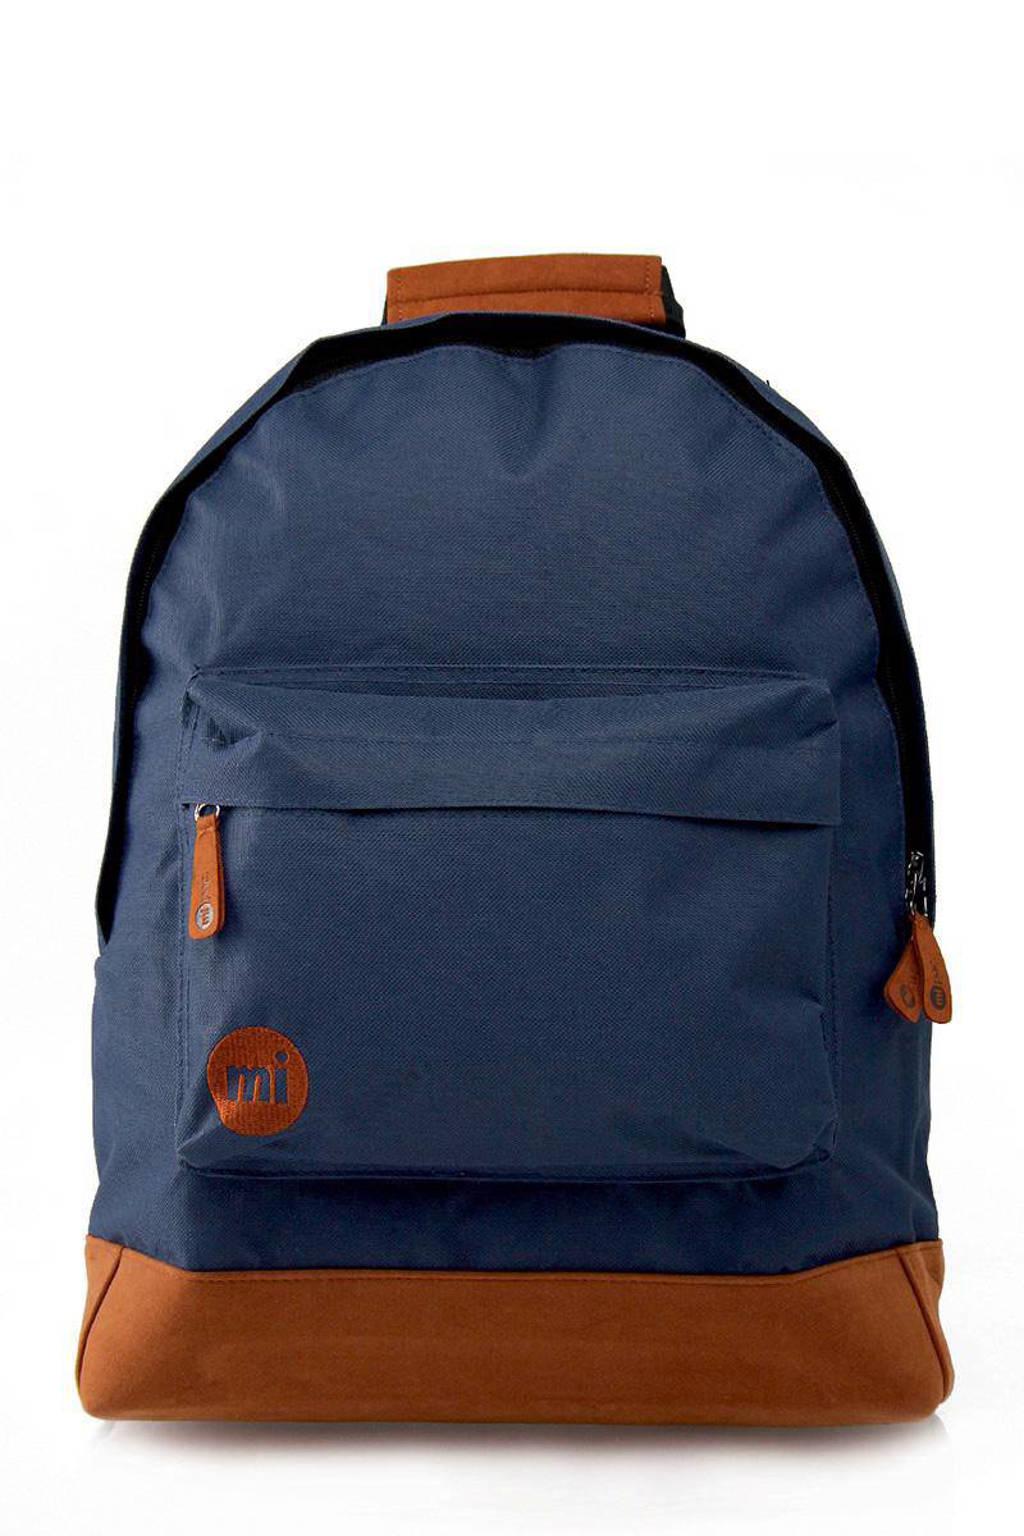 b2030555346 Mi-Pac Classic rugzak, Blauw/bruin